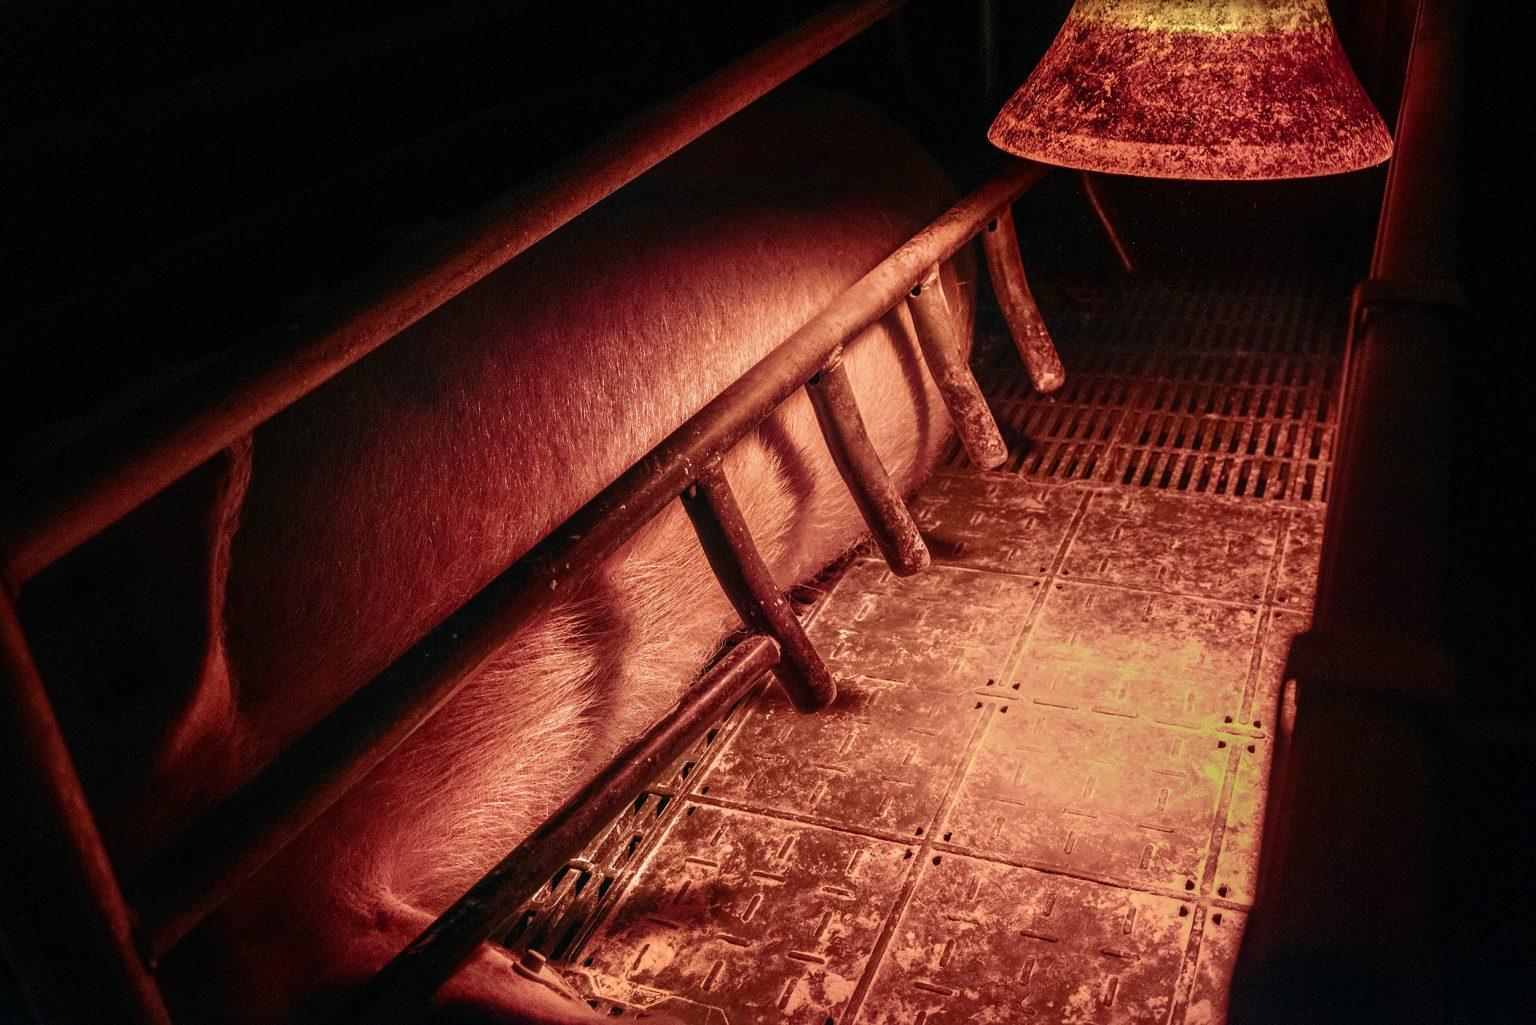 A sow in her suckling cage. She will be there with her babies for about 28 days. Emilia Romagna. January 2017.  Una scrofa nella sua gabbia di allattamento. Resterà li con i suoi piccoli per circa 28 giorni. Emilia Romagna. Gennaio 2017.